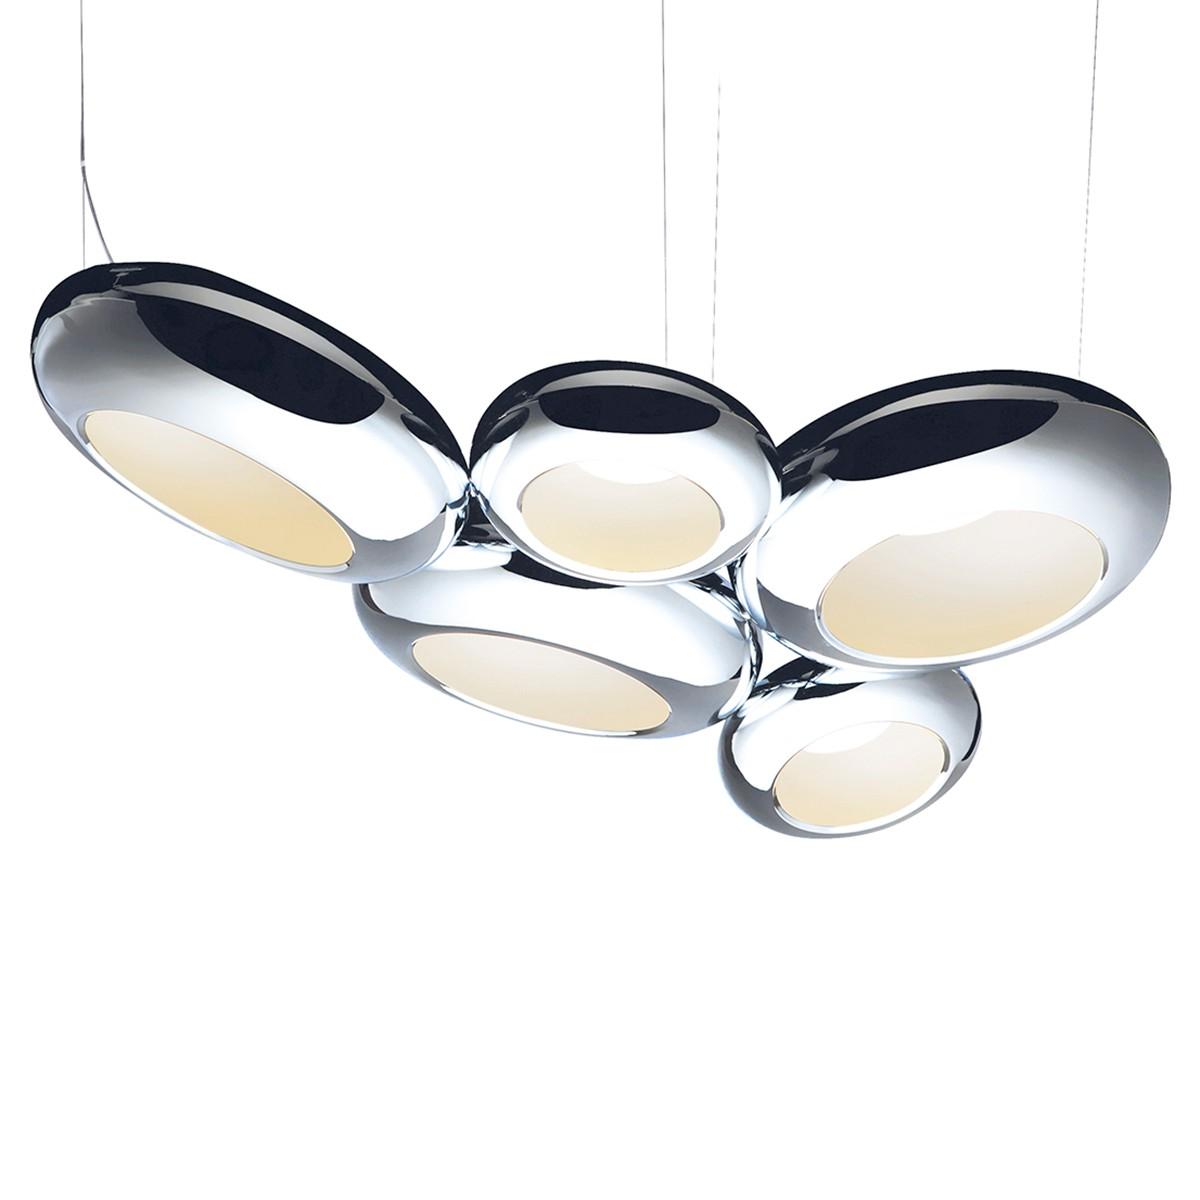 Sompex Aura 05 LED Pendelleuchte, Chrom